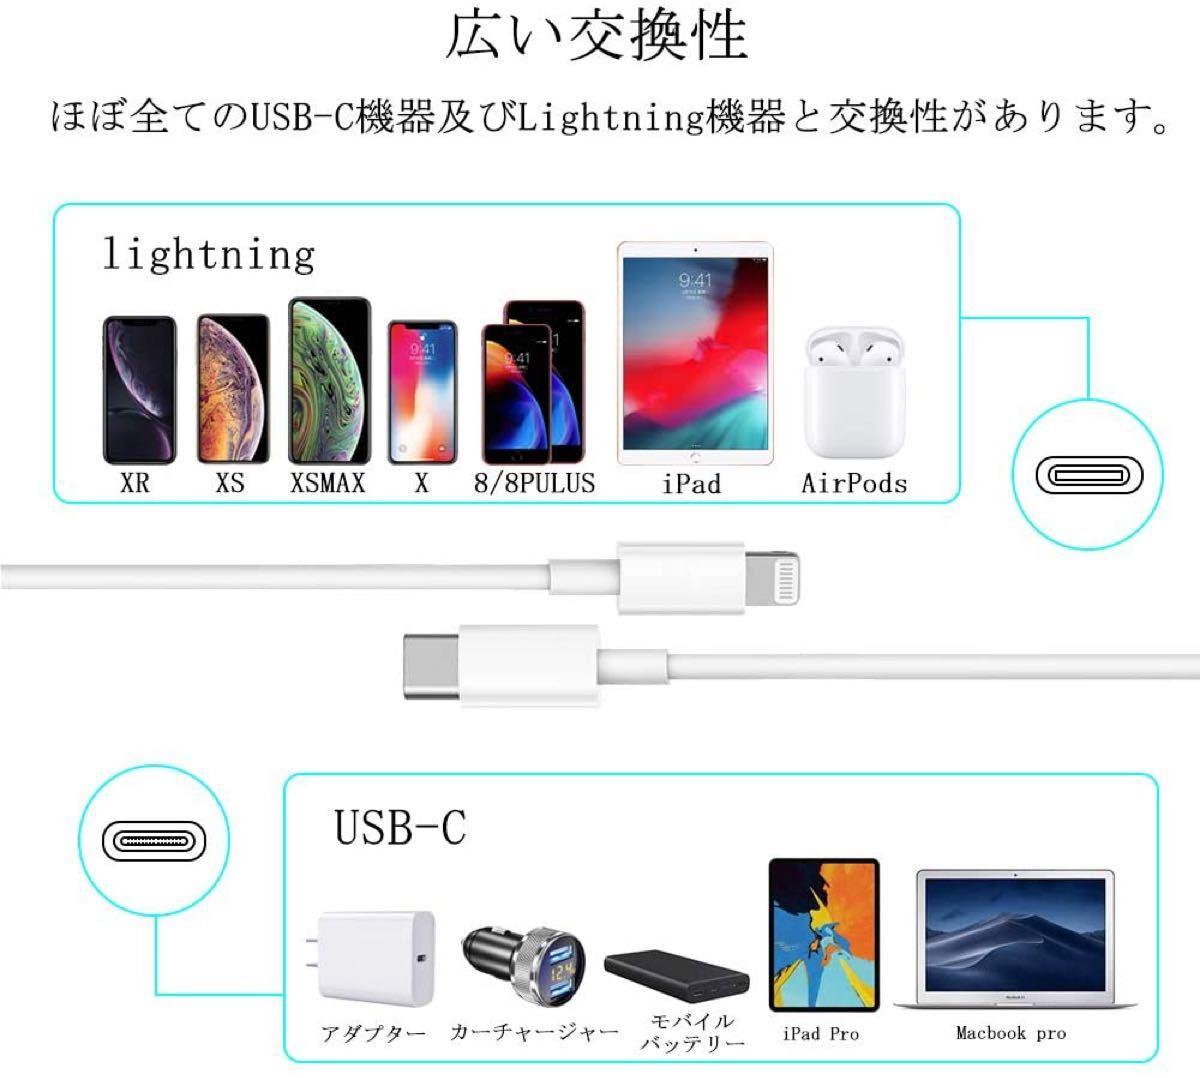 2メートル 正規品 USB type-c to Lightning 充電ケーブル 純正品質 PD対応 ライトニング